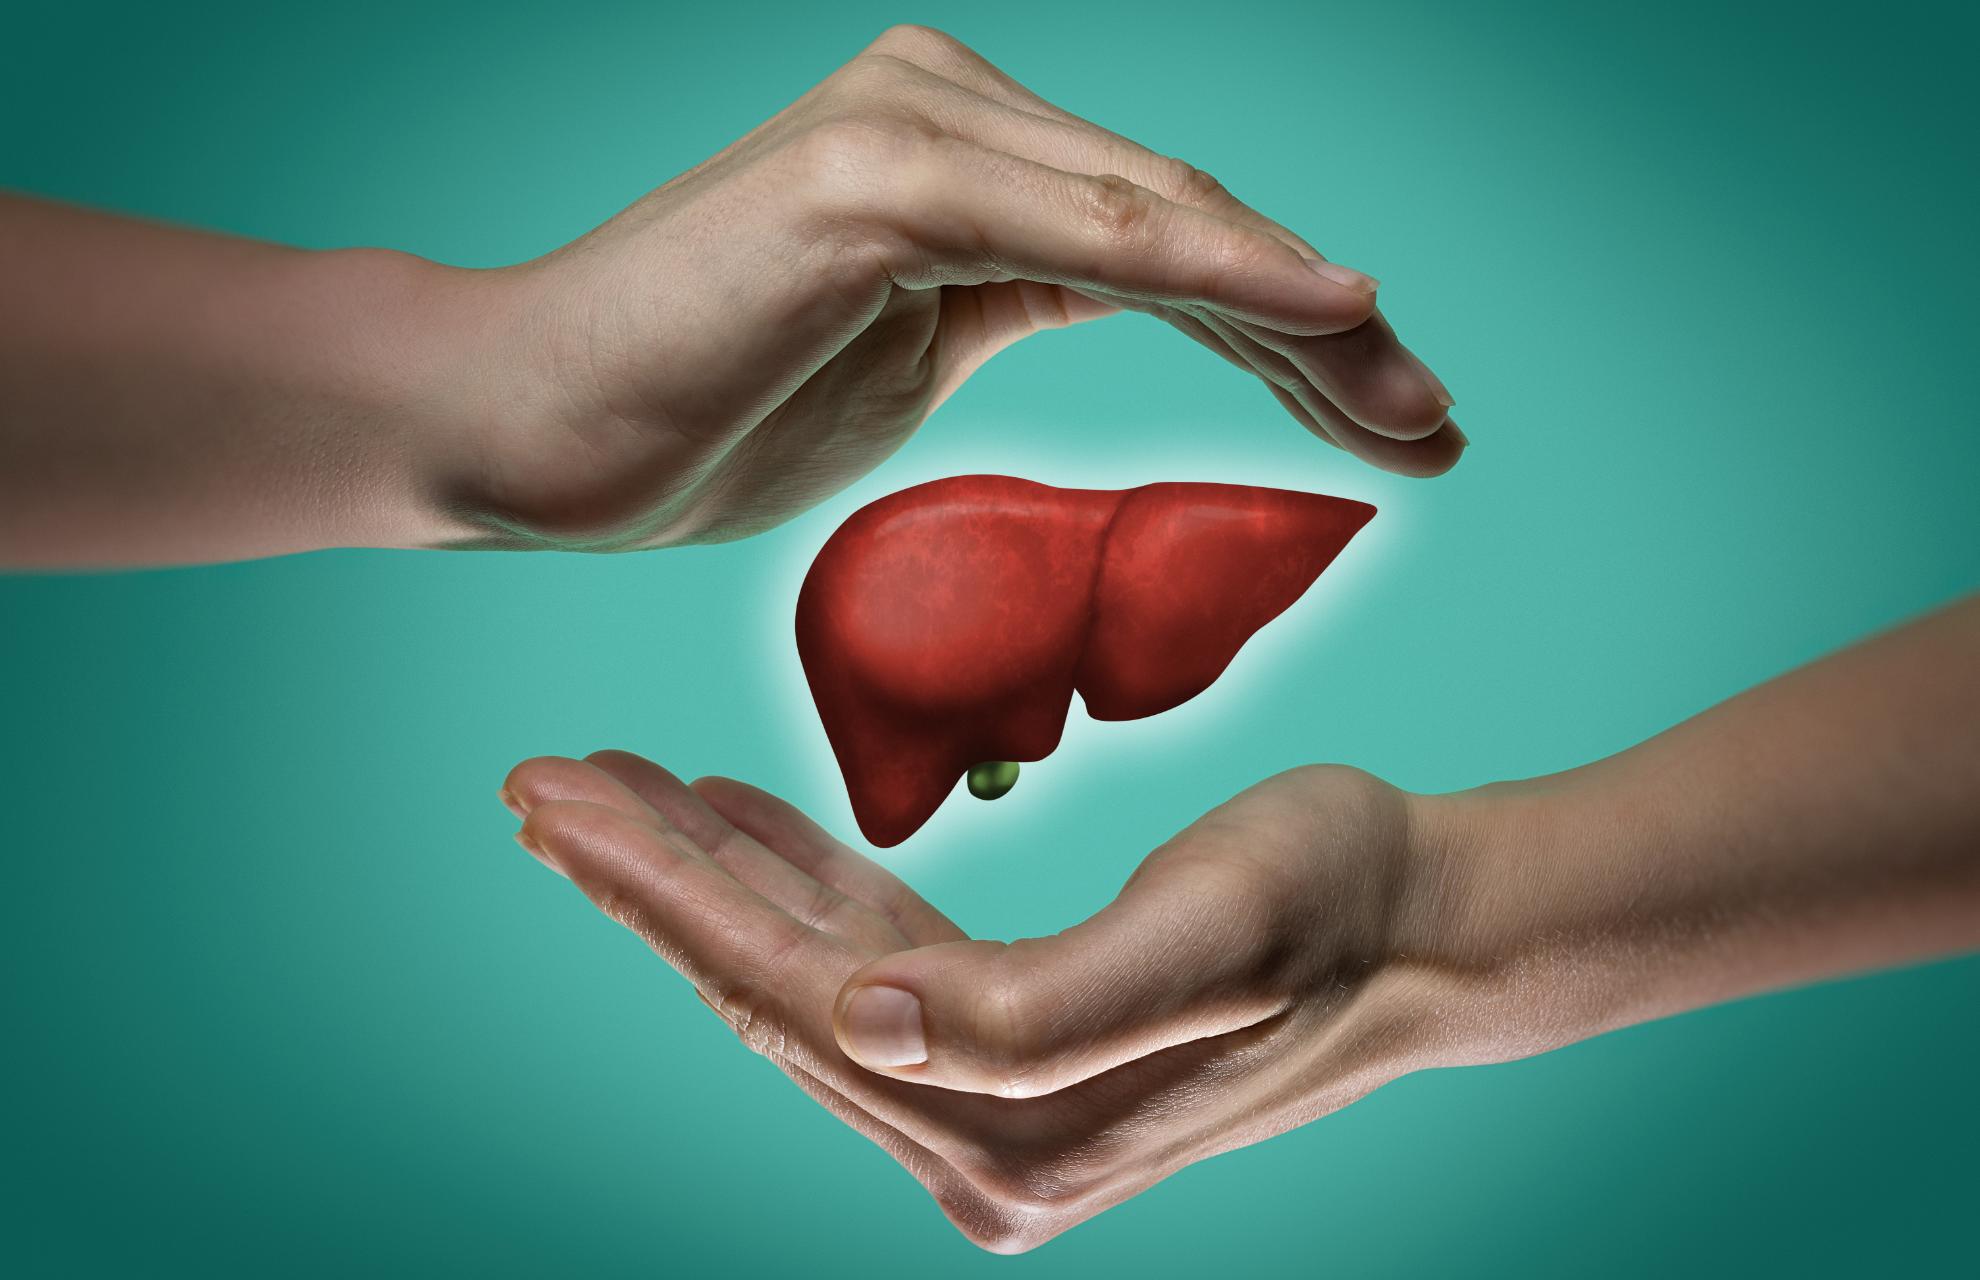 Цирроз печени: причины и симптомы